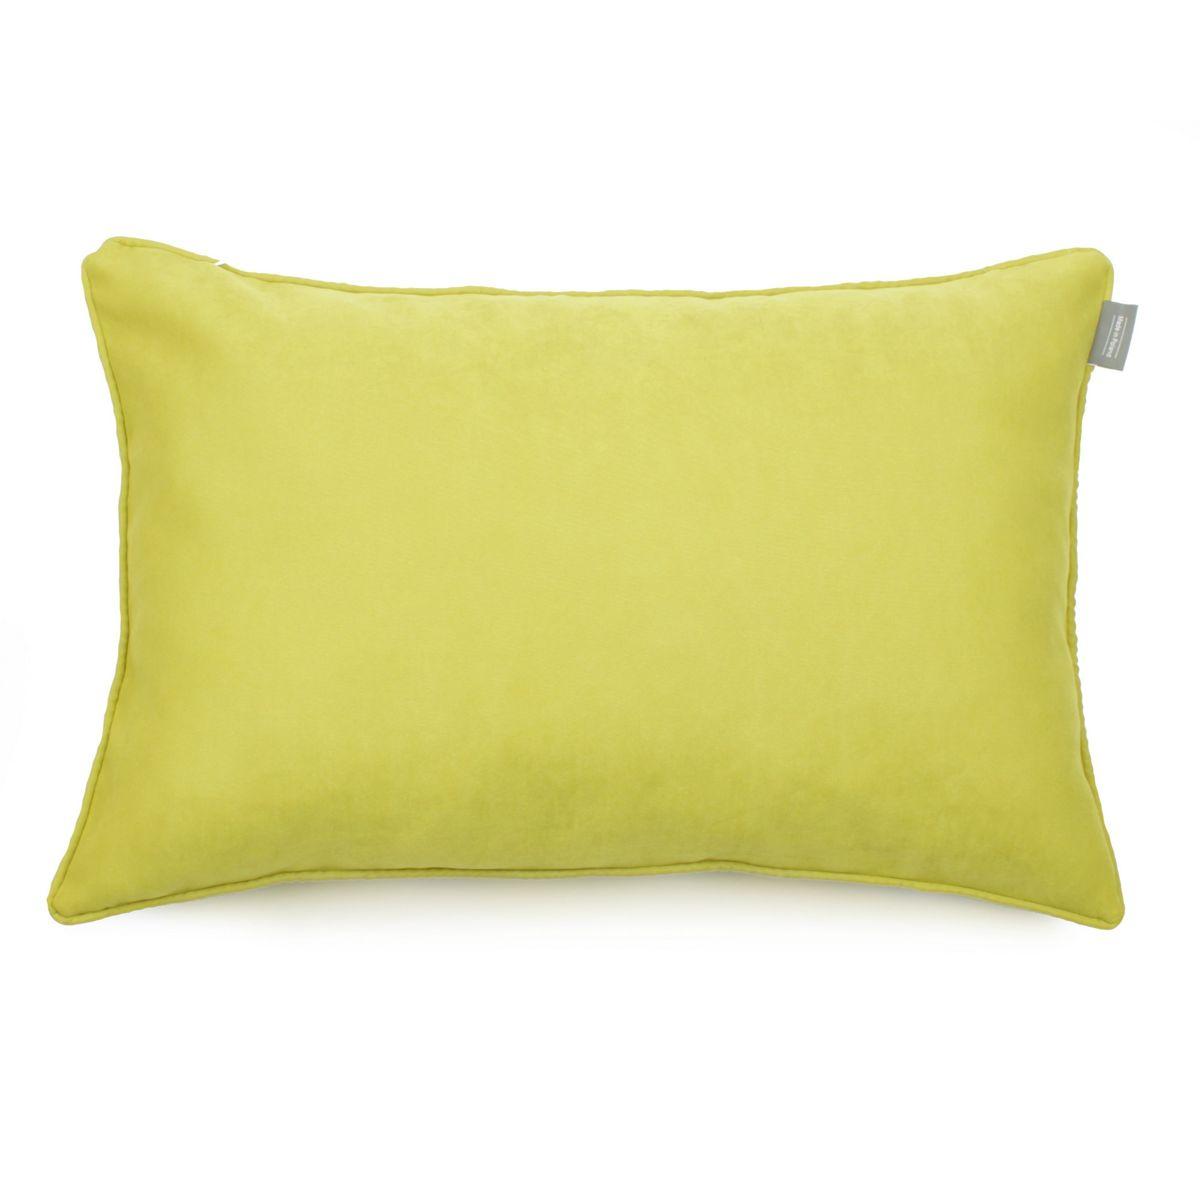 Poduszka Dekoracyjna Z Wkładem Ornaments Green 60 X 60 Cm We Love Beds